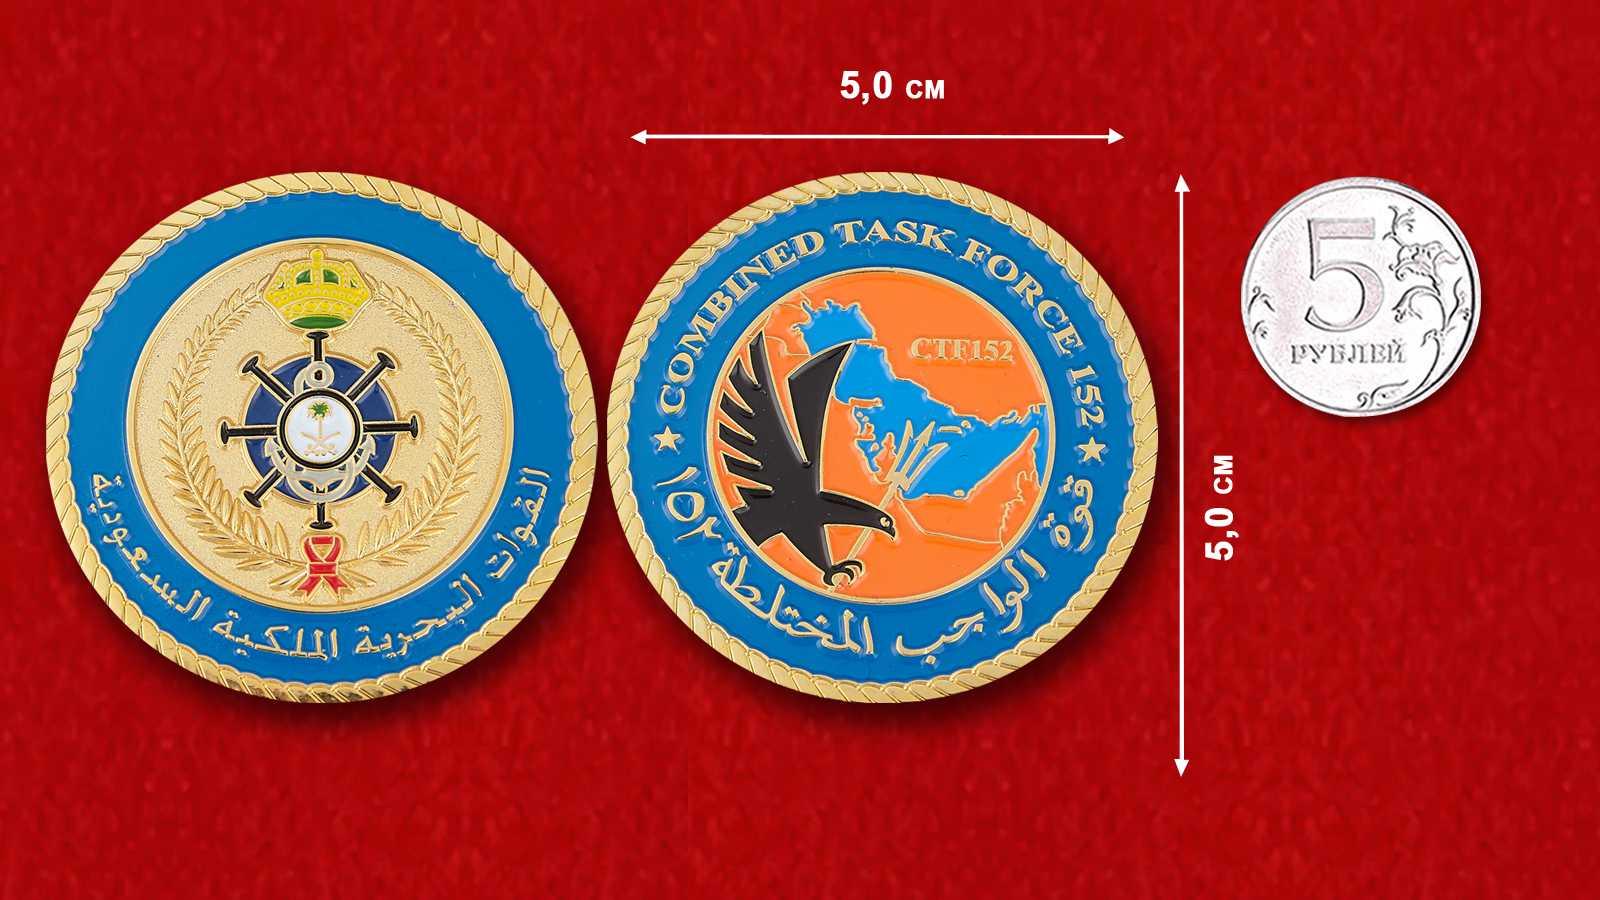 Челлендж коин 152-й Объединенной оперативной группы международной коалиции в Персидском заливе